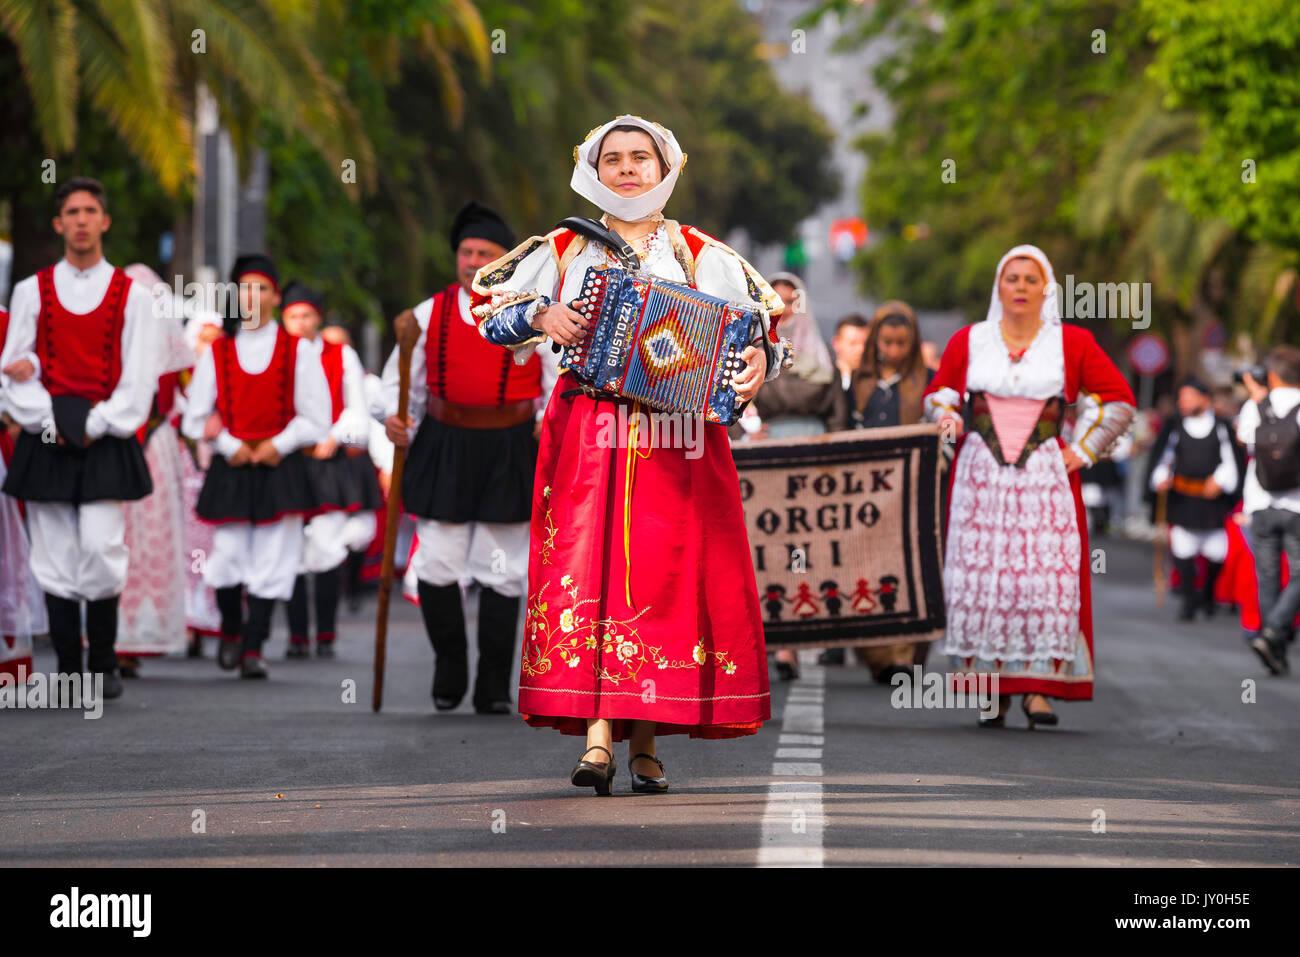 Sardegna sagra tradizionale, un fisarmonicista femminile conduce il suo locale gruppo folk in gran processione della Cavalcata festival di Sassari. Immagini Stock